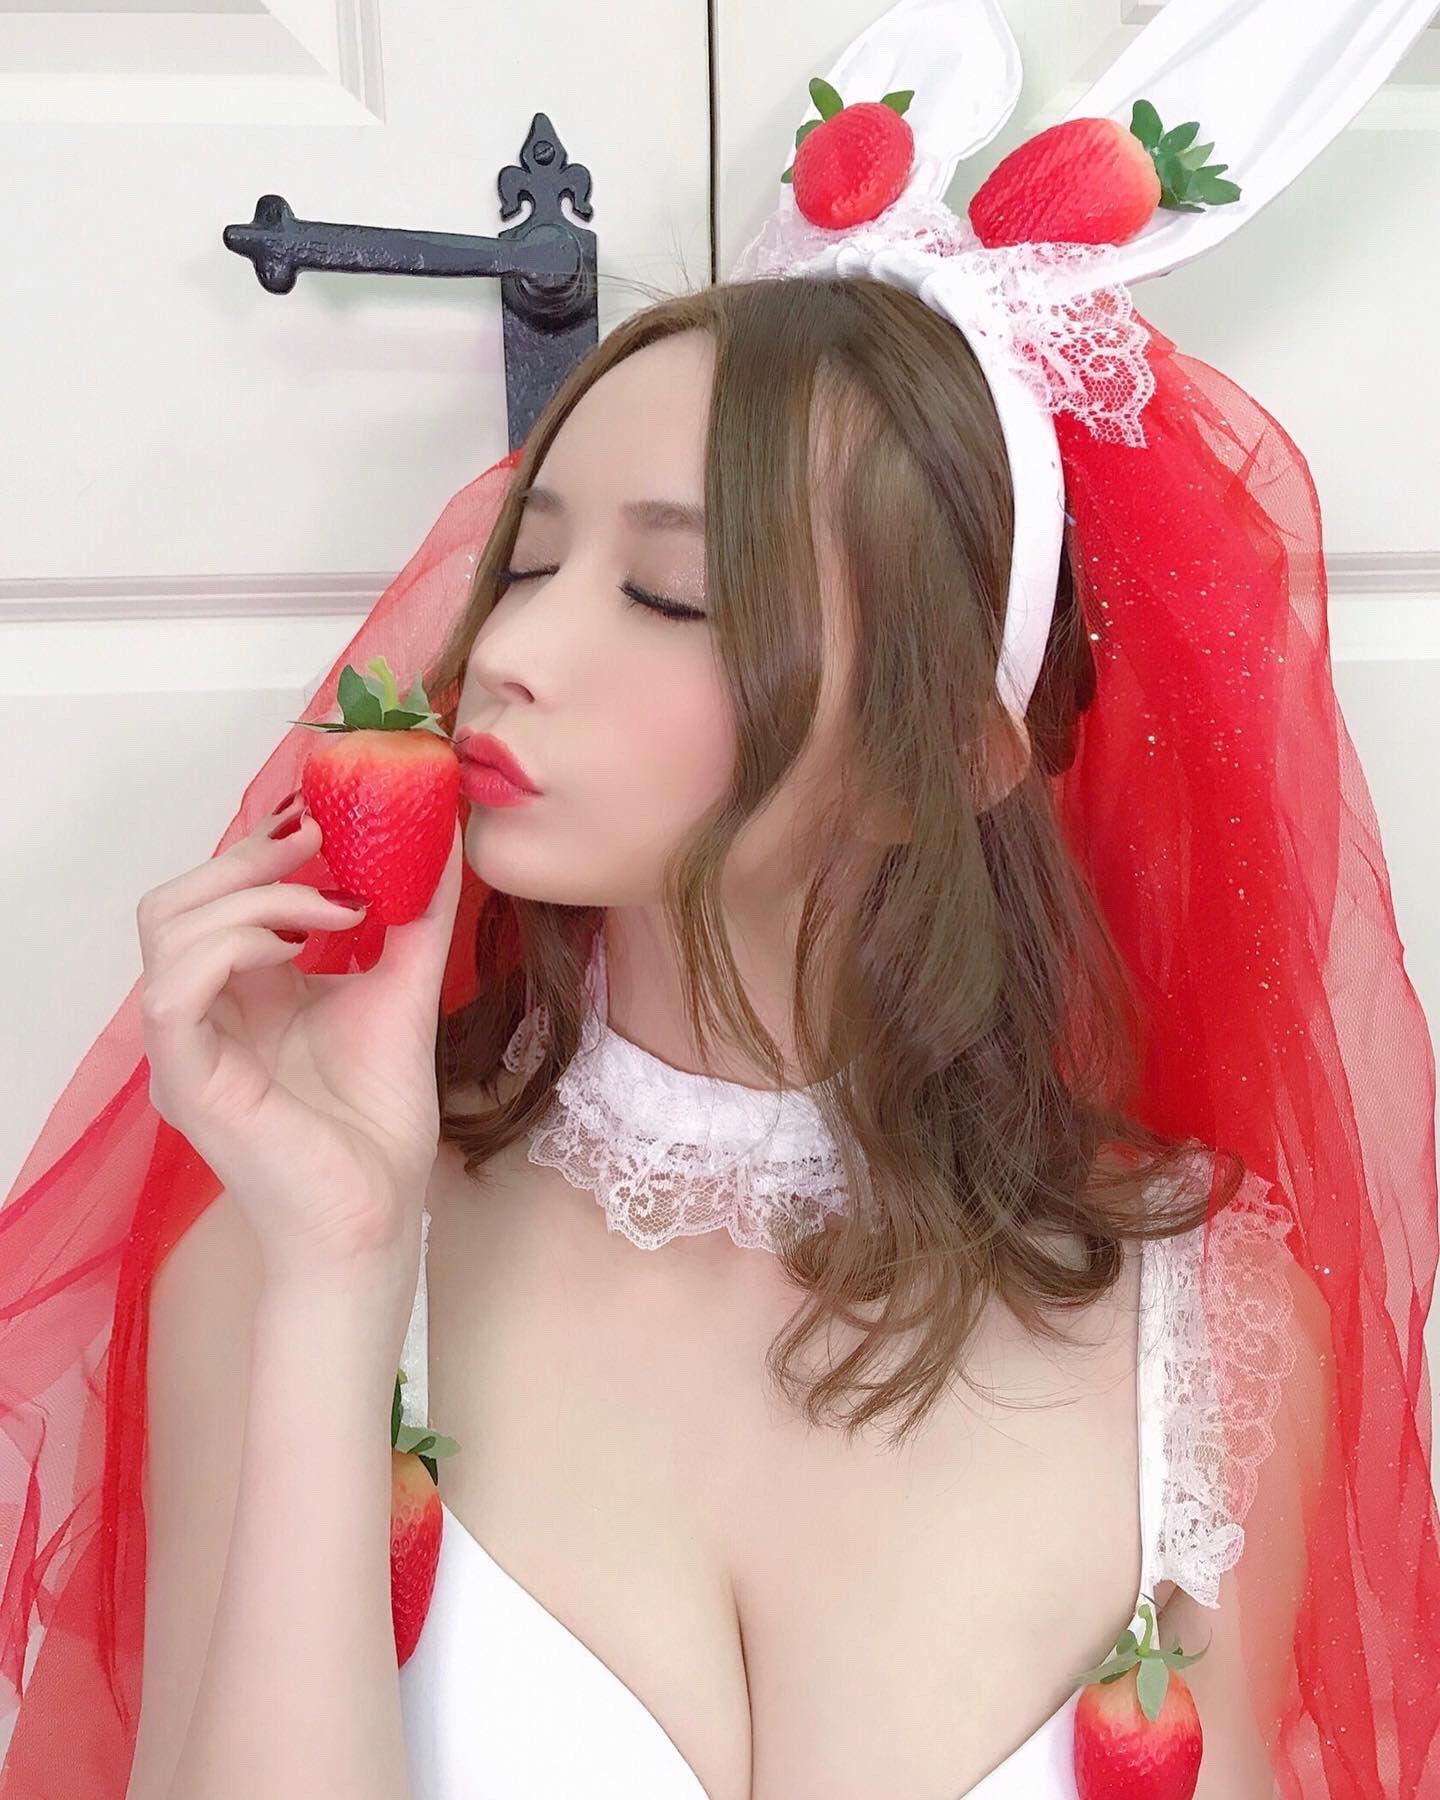 yoshimi_iyo209.jpg